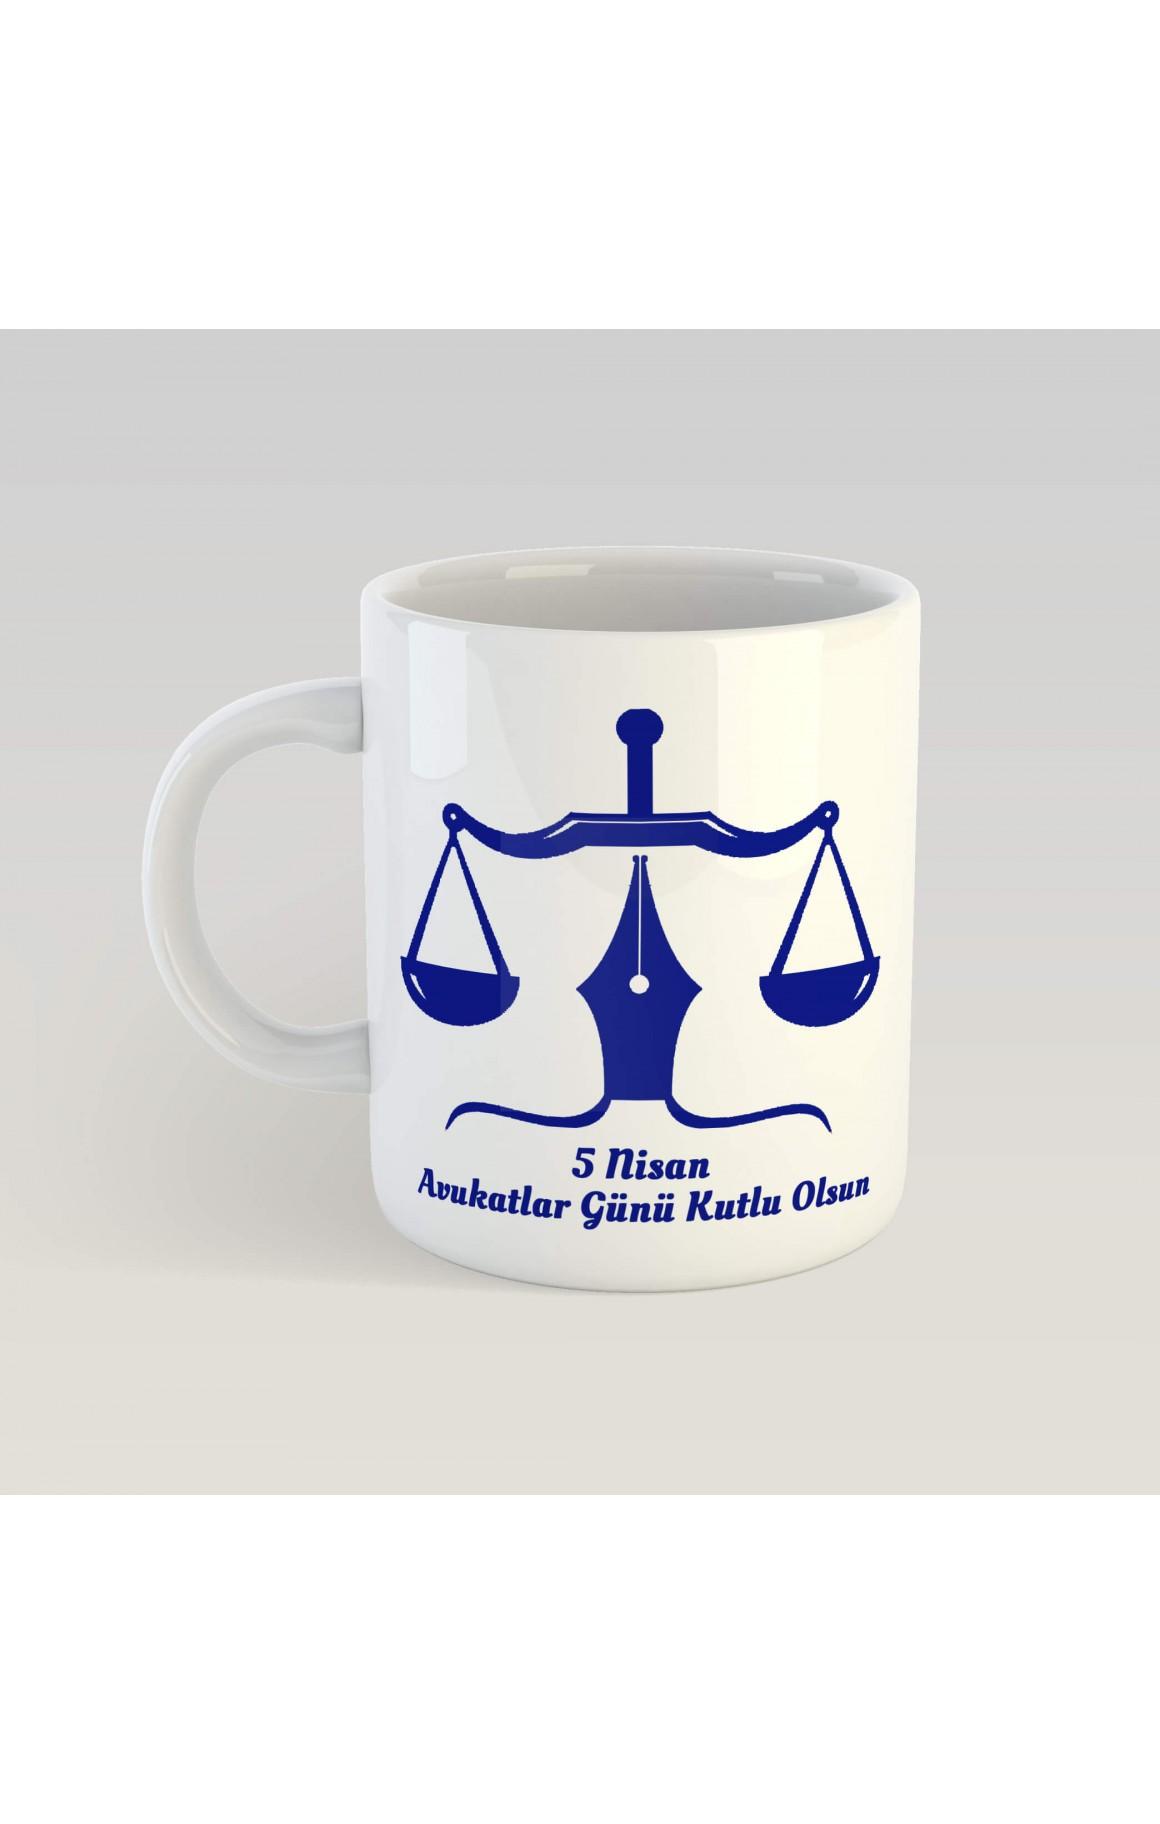 Avukatlar Günü 5 Nisan Porselen Kupa